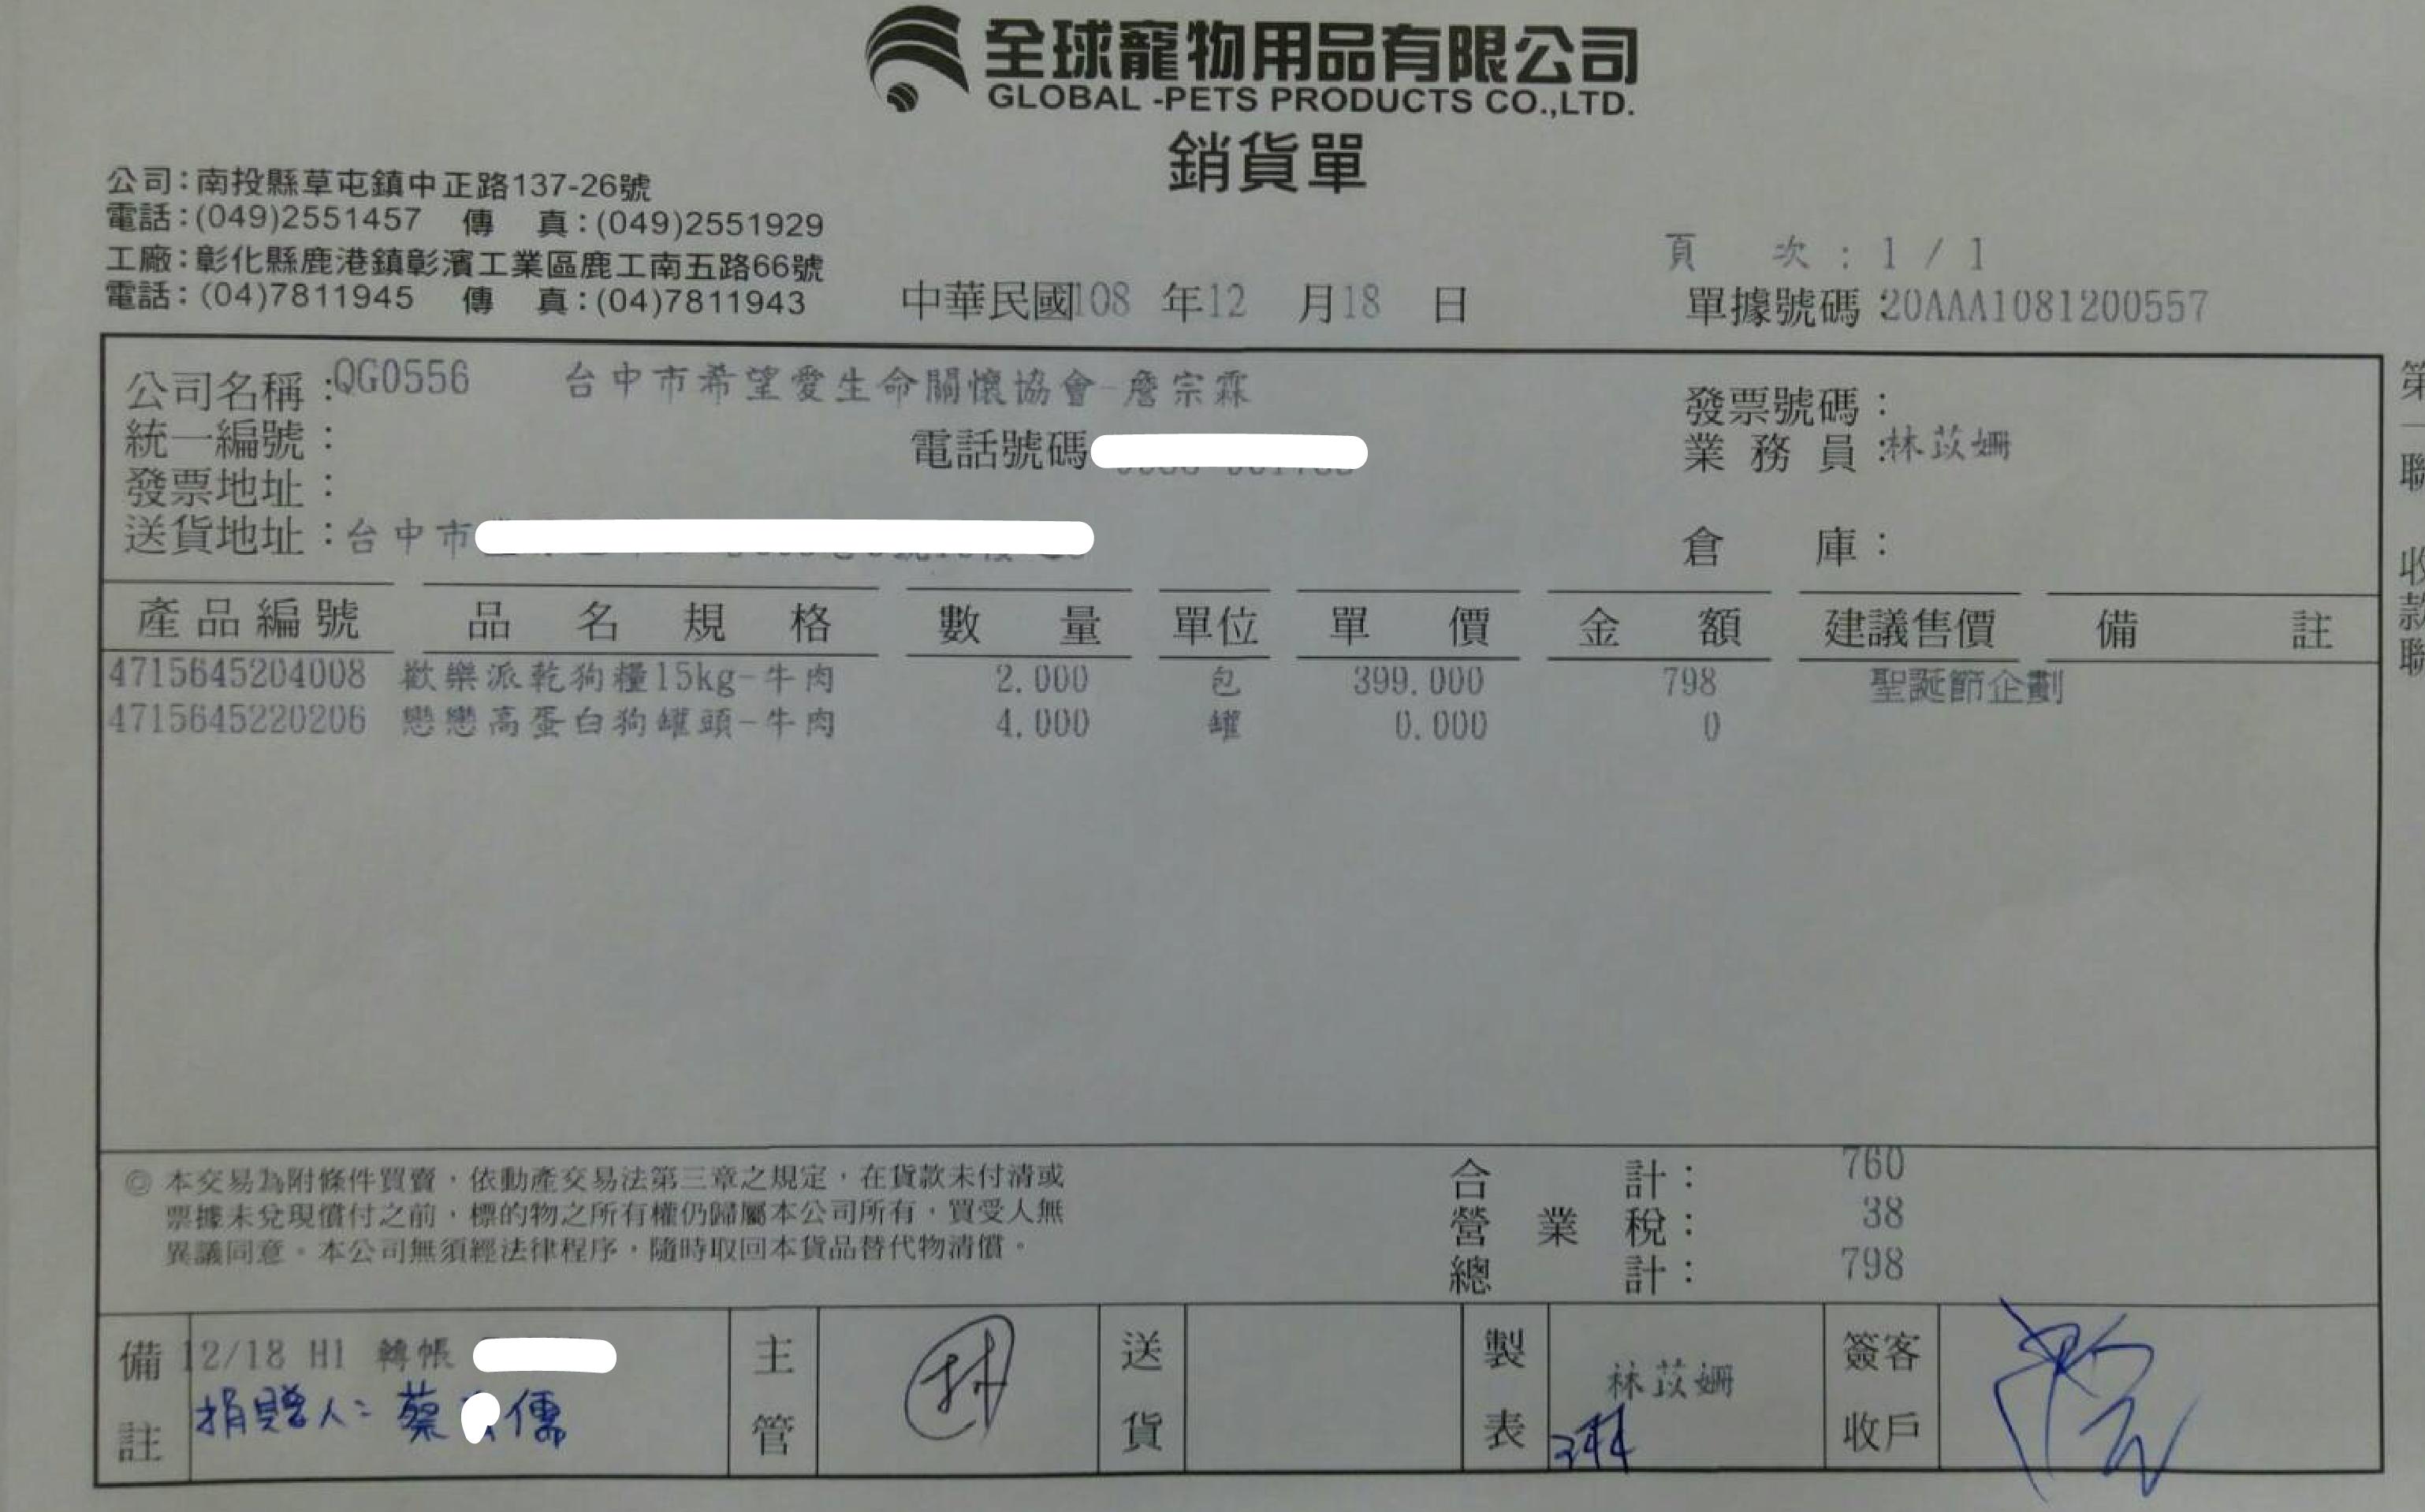 愛心捐贈飼料首選-歡樂派乾狗糧15公斤,台灣在地飼料工廠直營,新鮮直送狗園